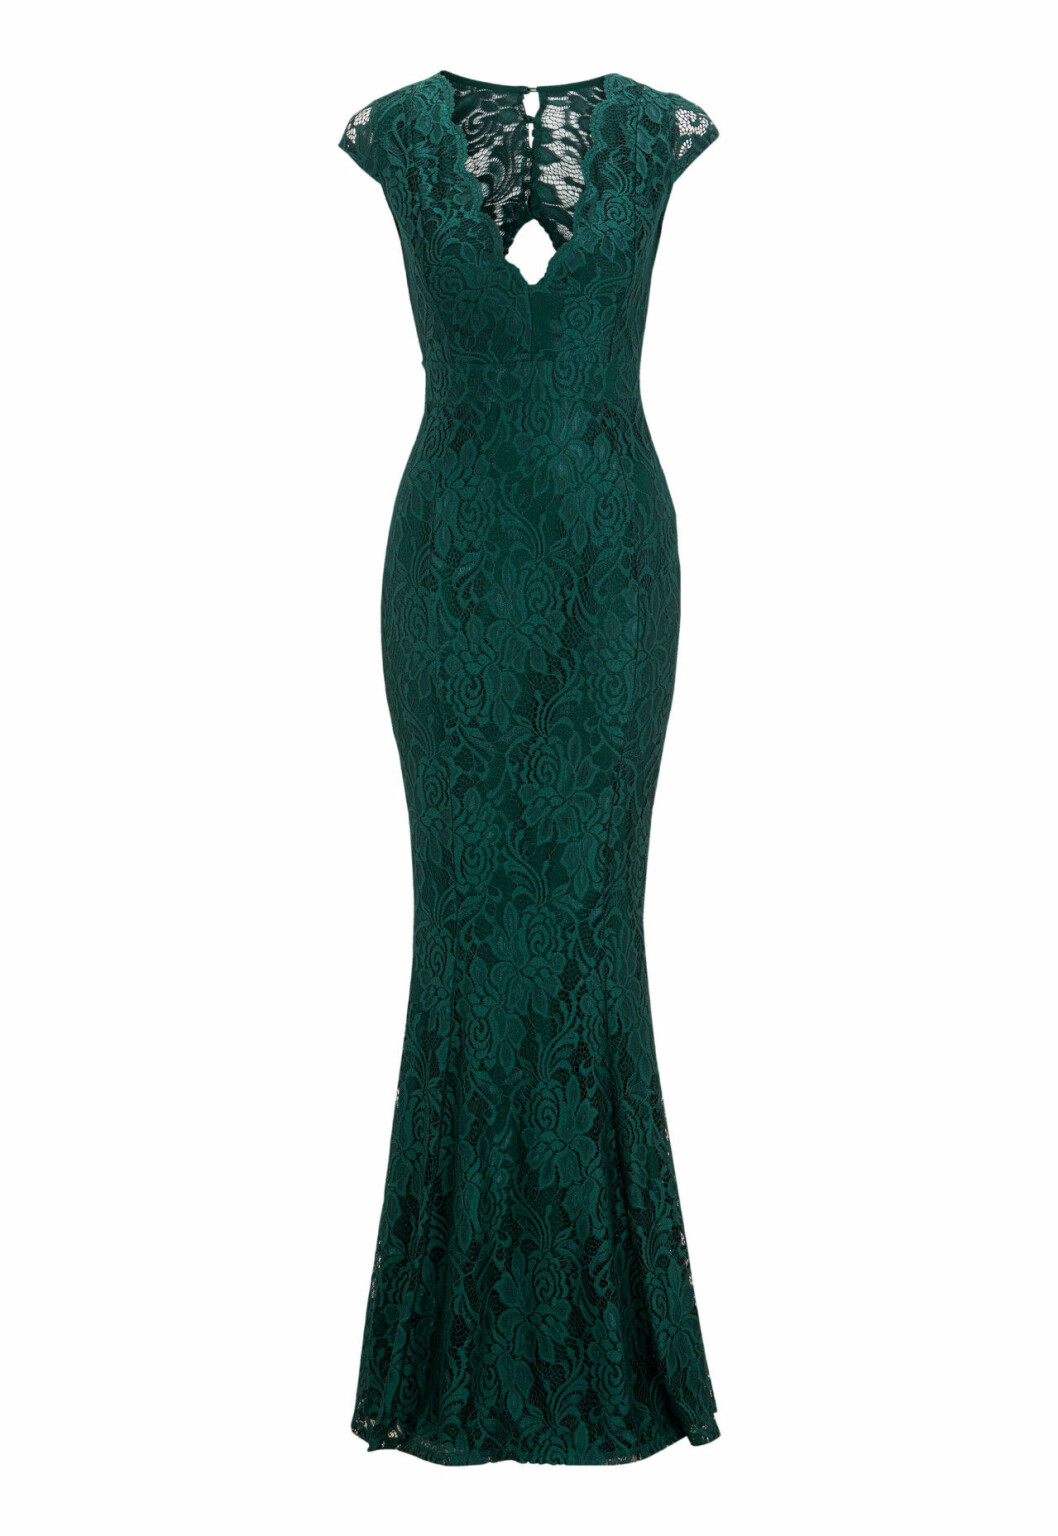 Grön spetsklänning till balen 2019